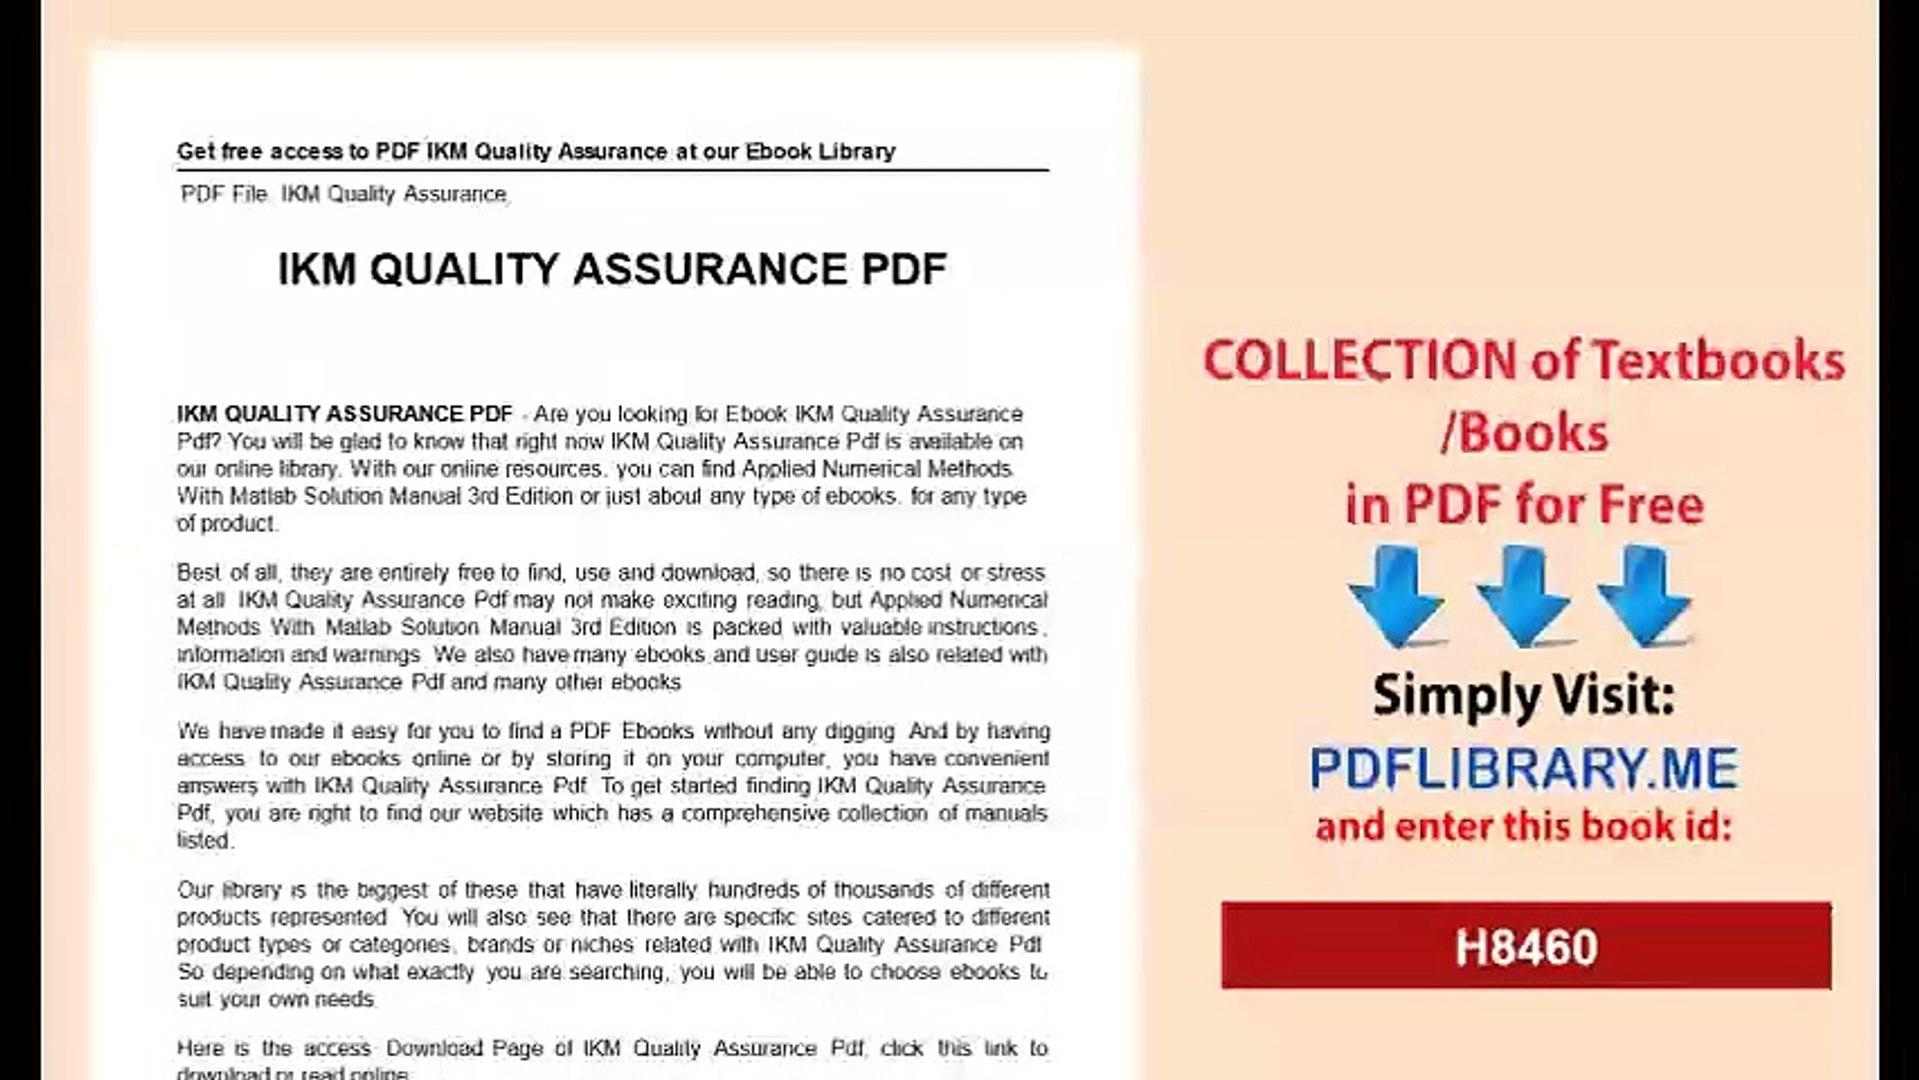 IKM Quality Assurance